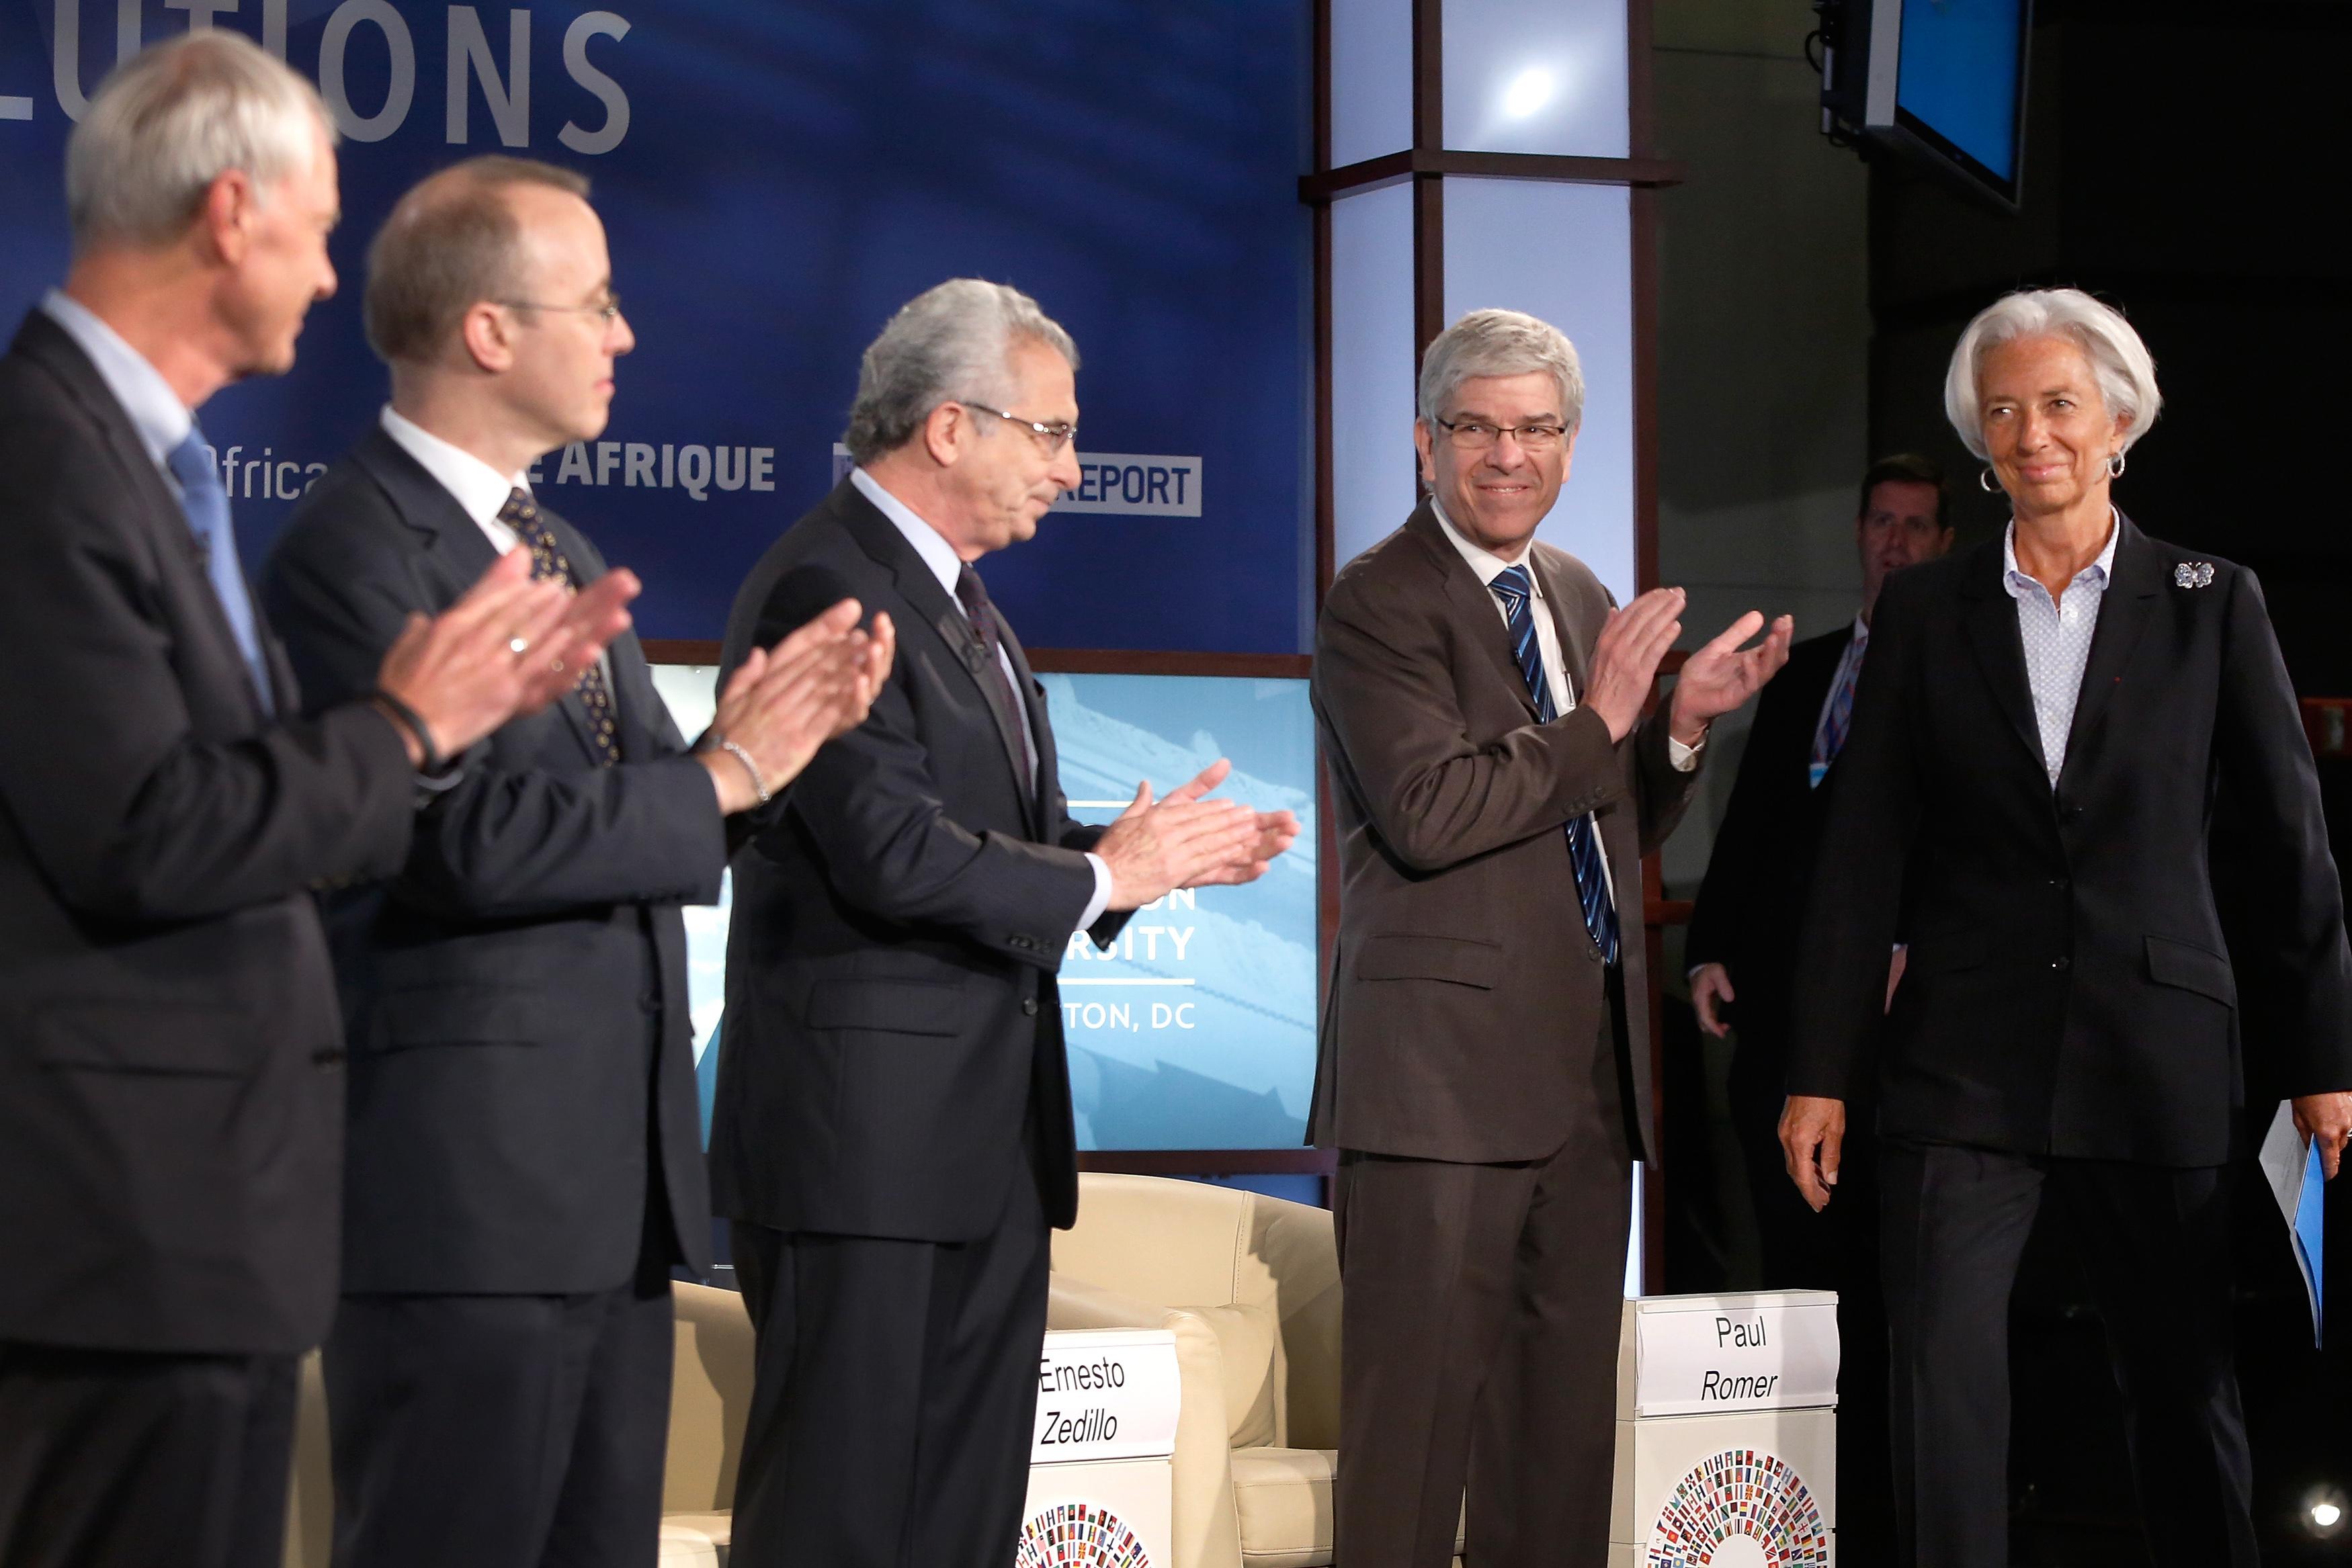 Zedillo discute con Lagarde y dice que el FMI ha sido frívolo